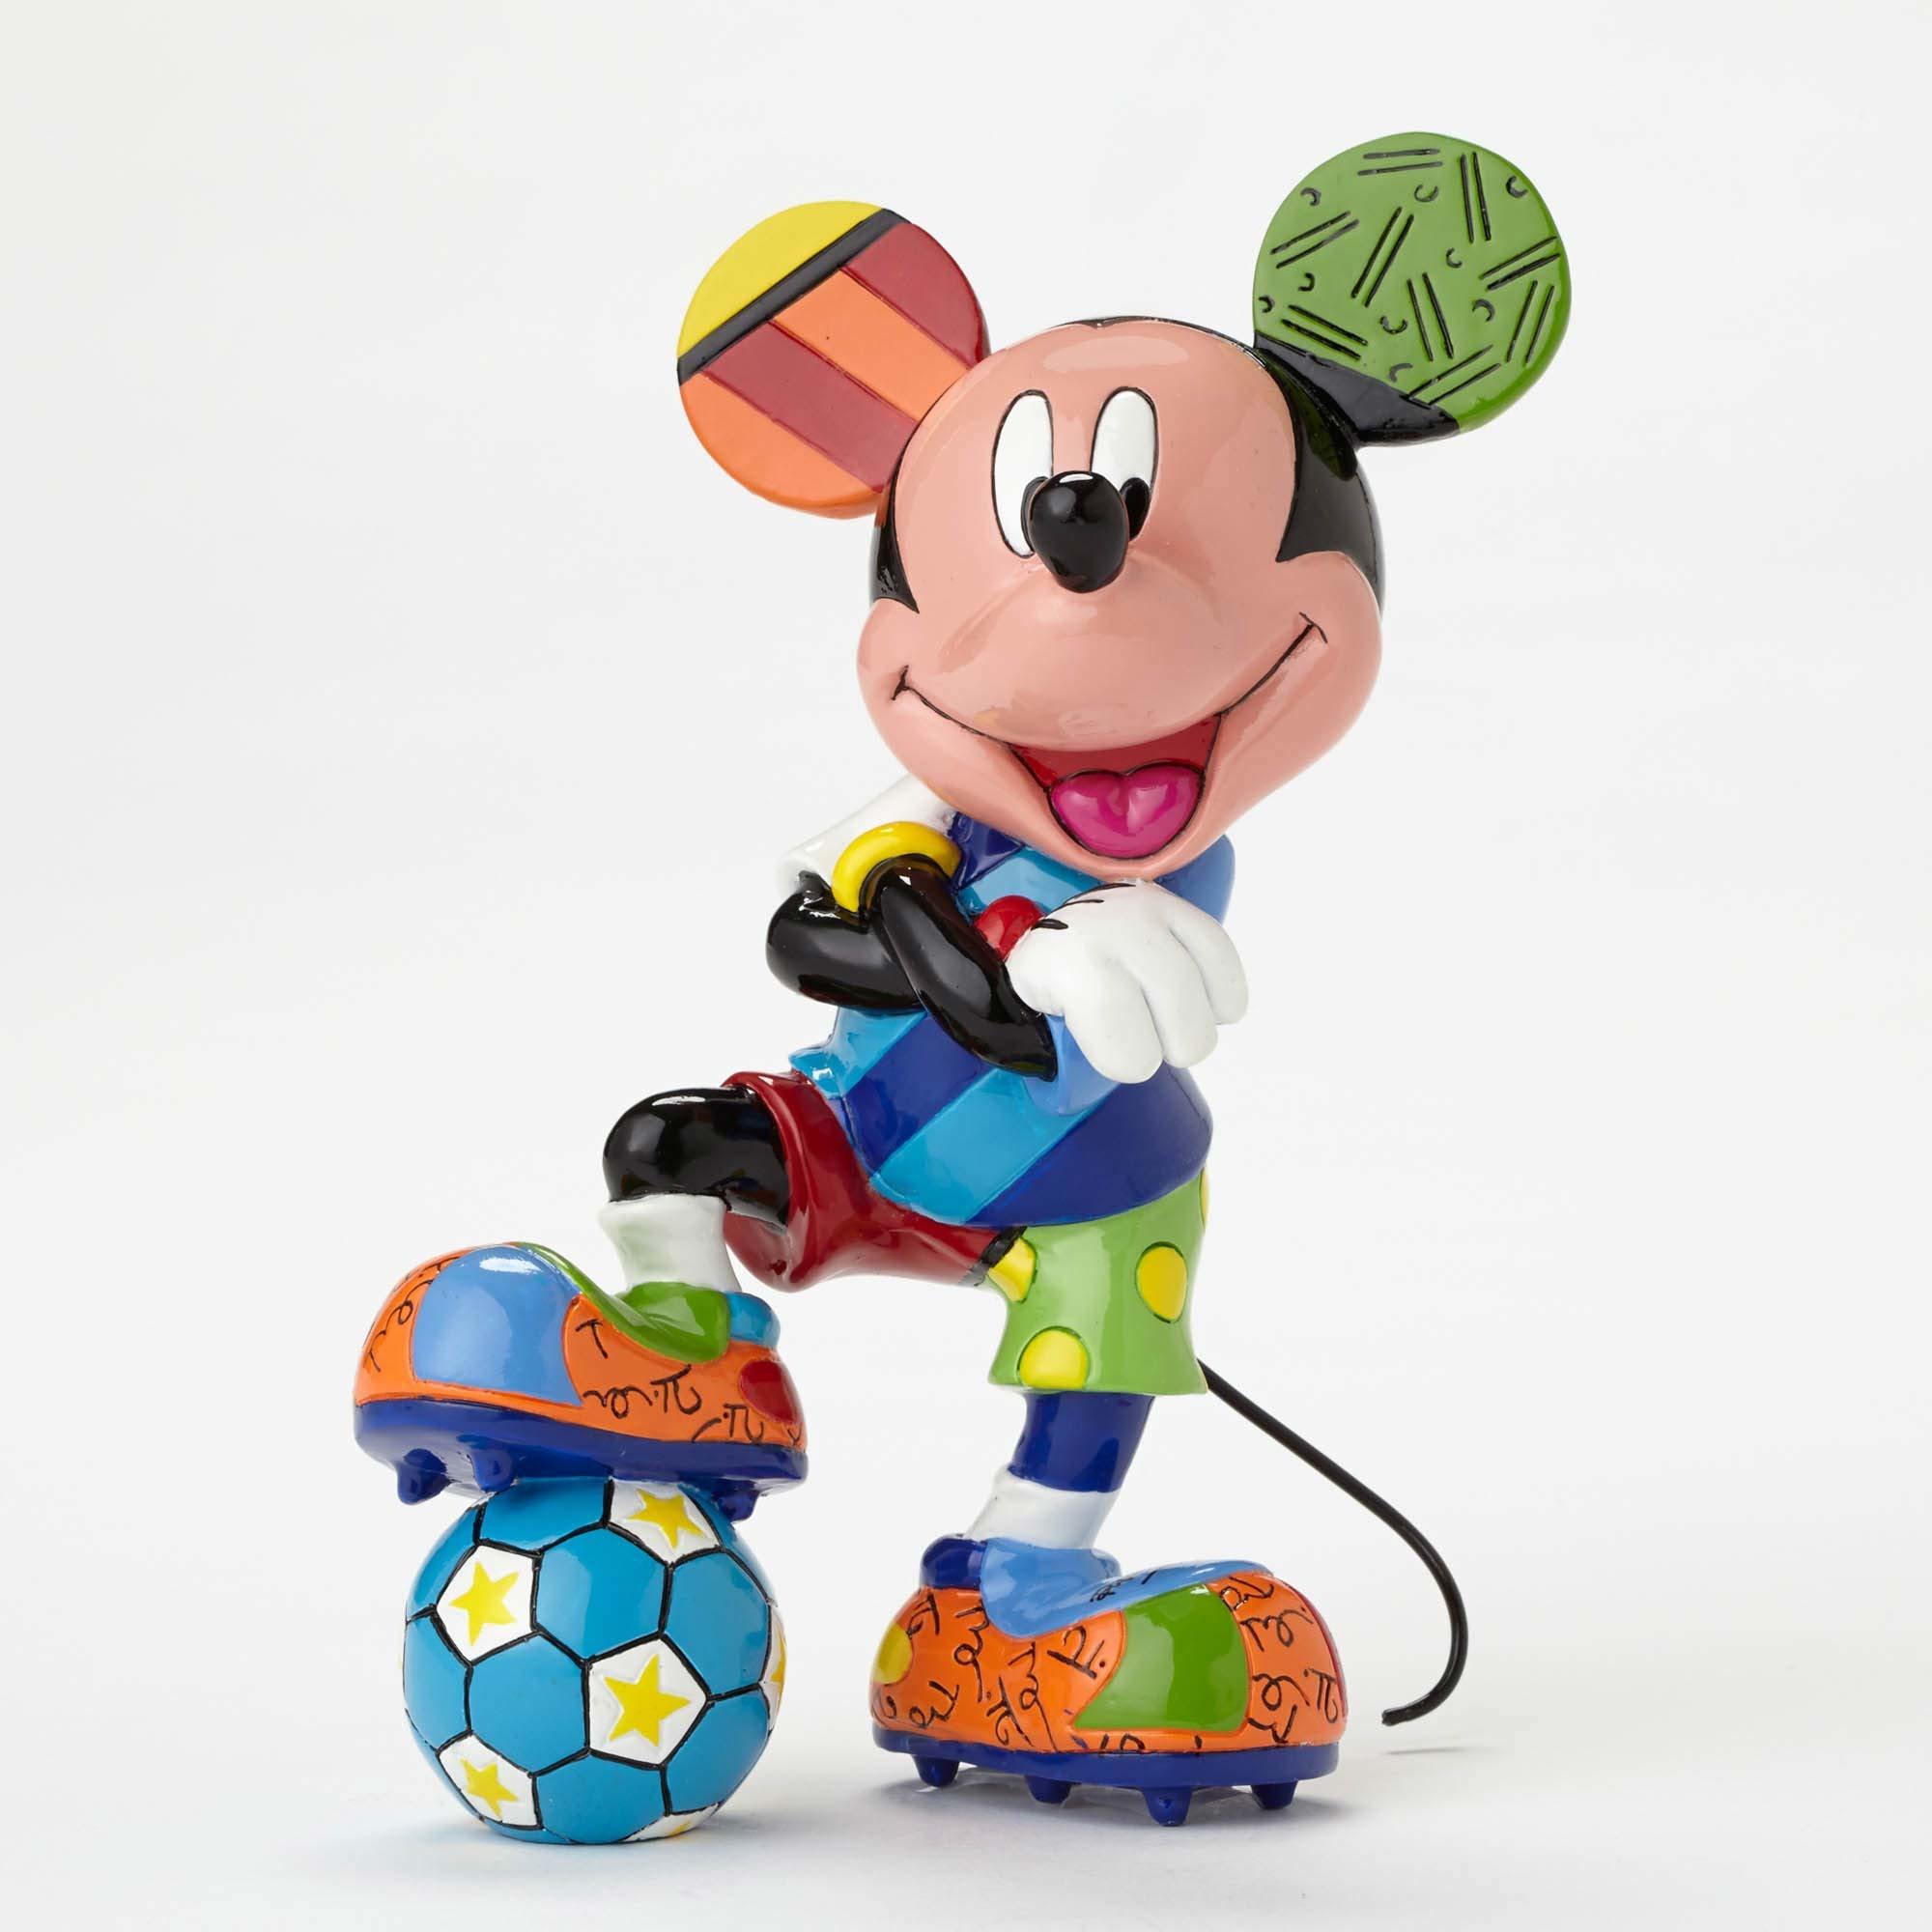 Britto mickey soccer figurine artreco - Figurine maison de mickey ...